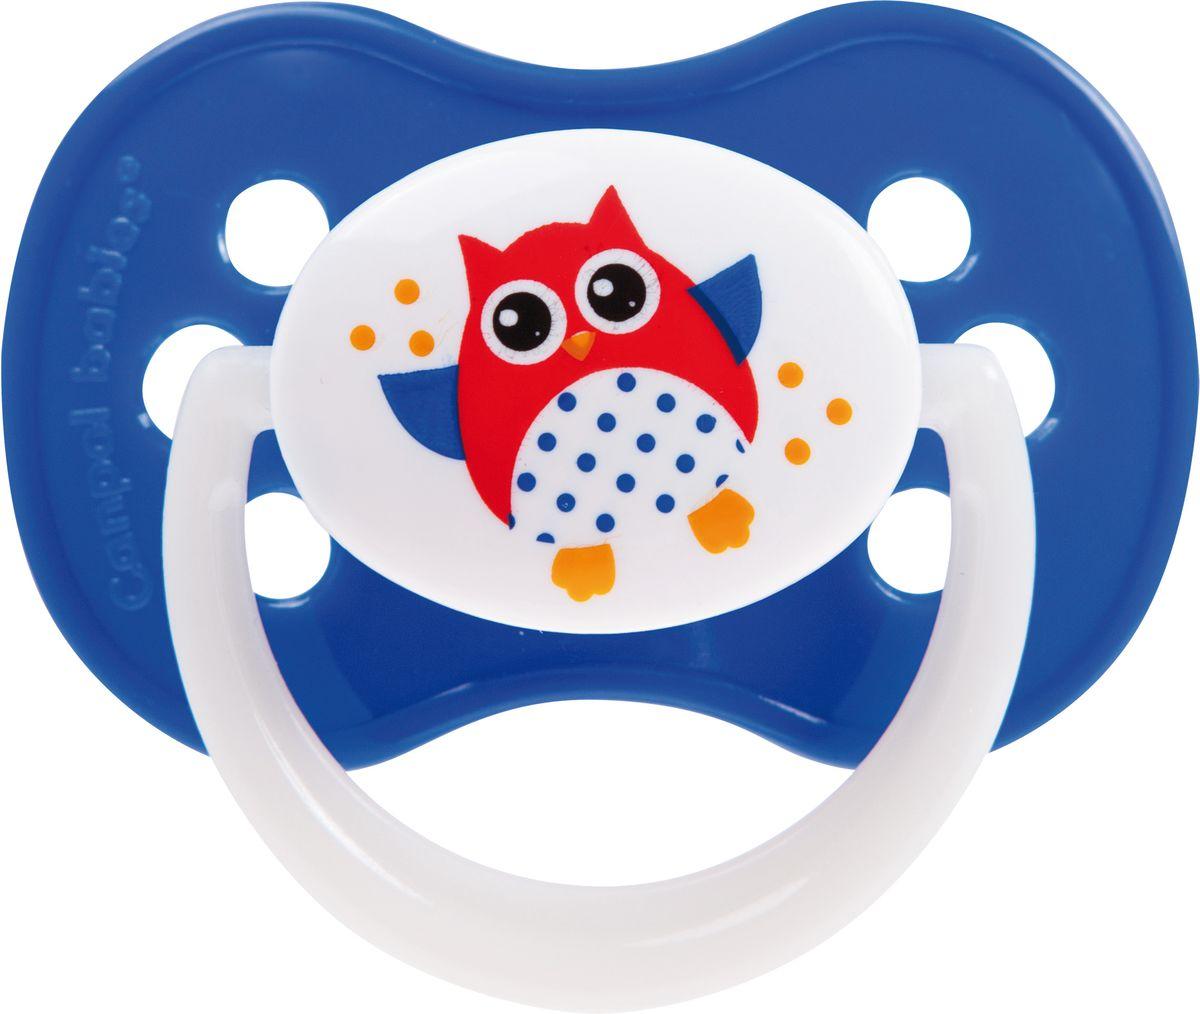 Canpol Babies Пустышка силиконовая симметричная Owl от 18 месяцев цвет синий canpol babies пустышка силиконовая кораблик от 18 месяцев